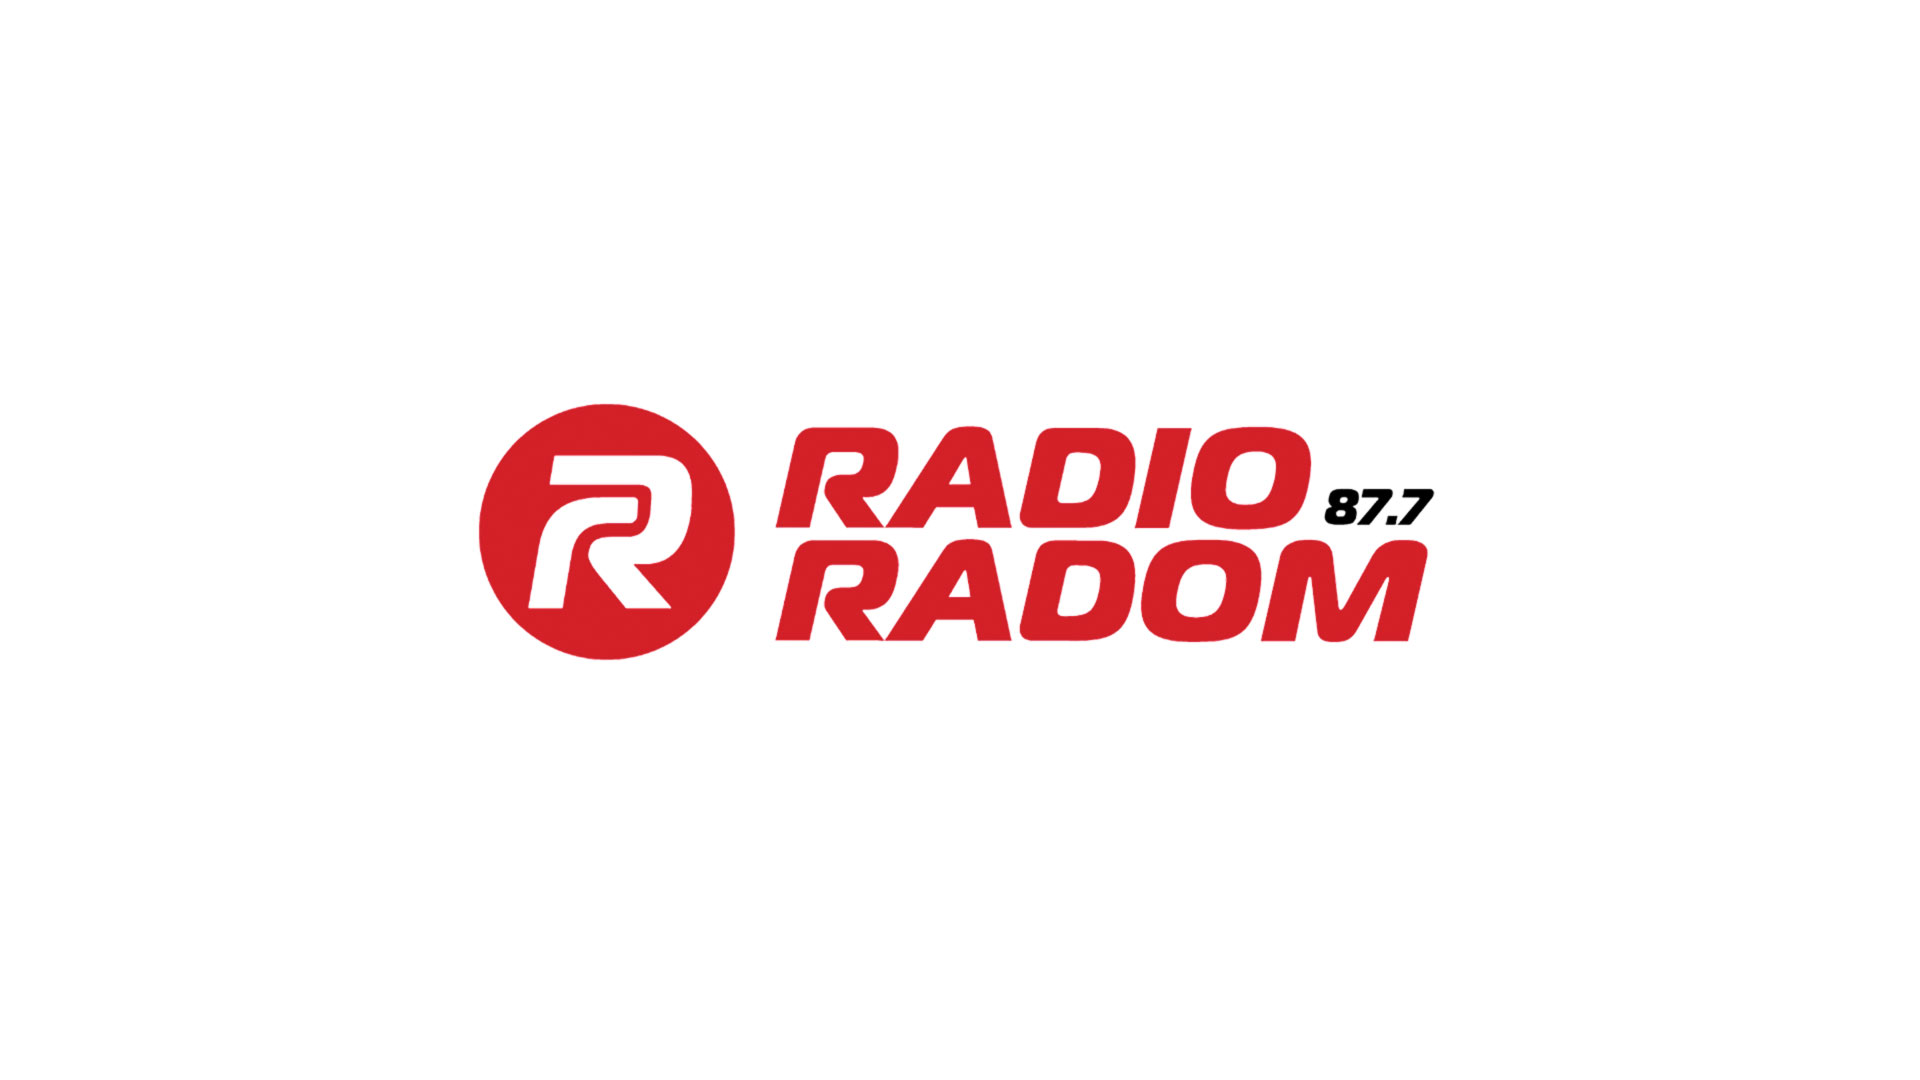 Wywiad w Radio Radom – 09.03.2020r.